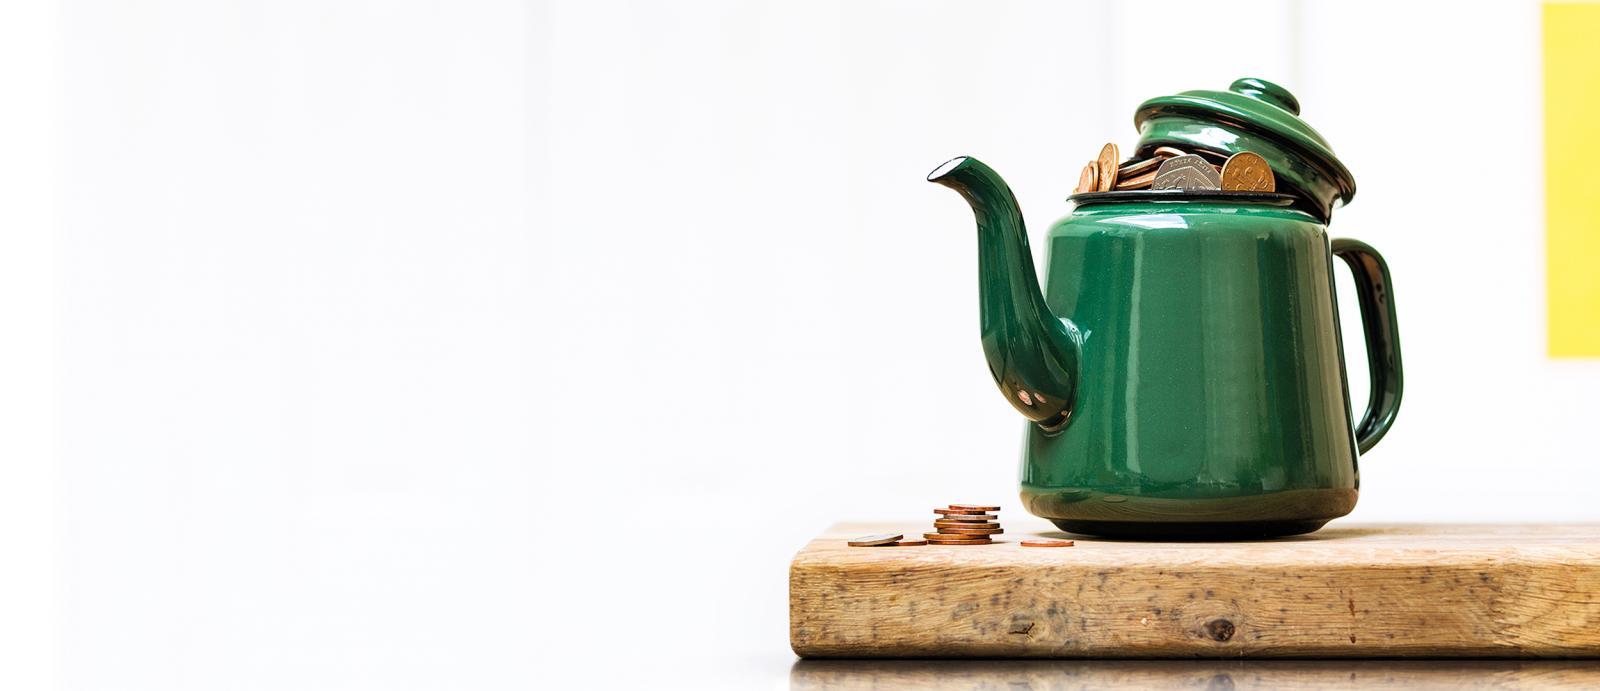 Green kettle 2